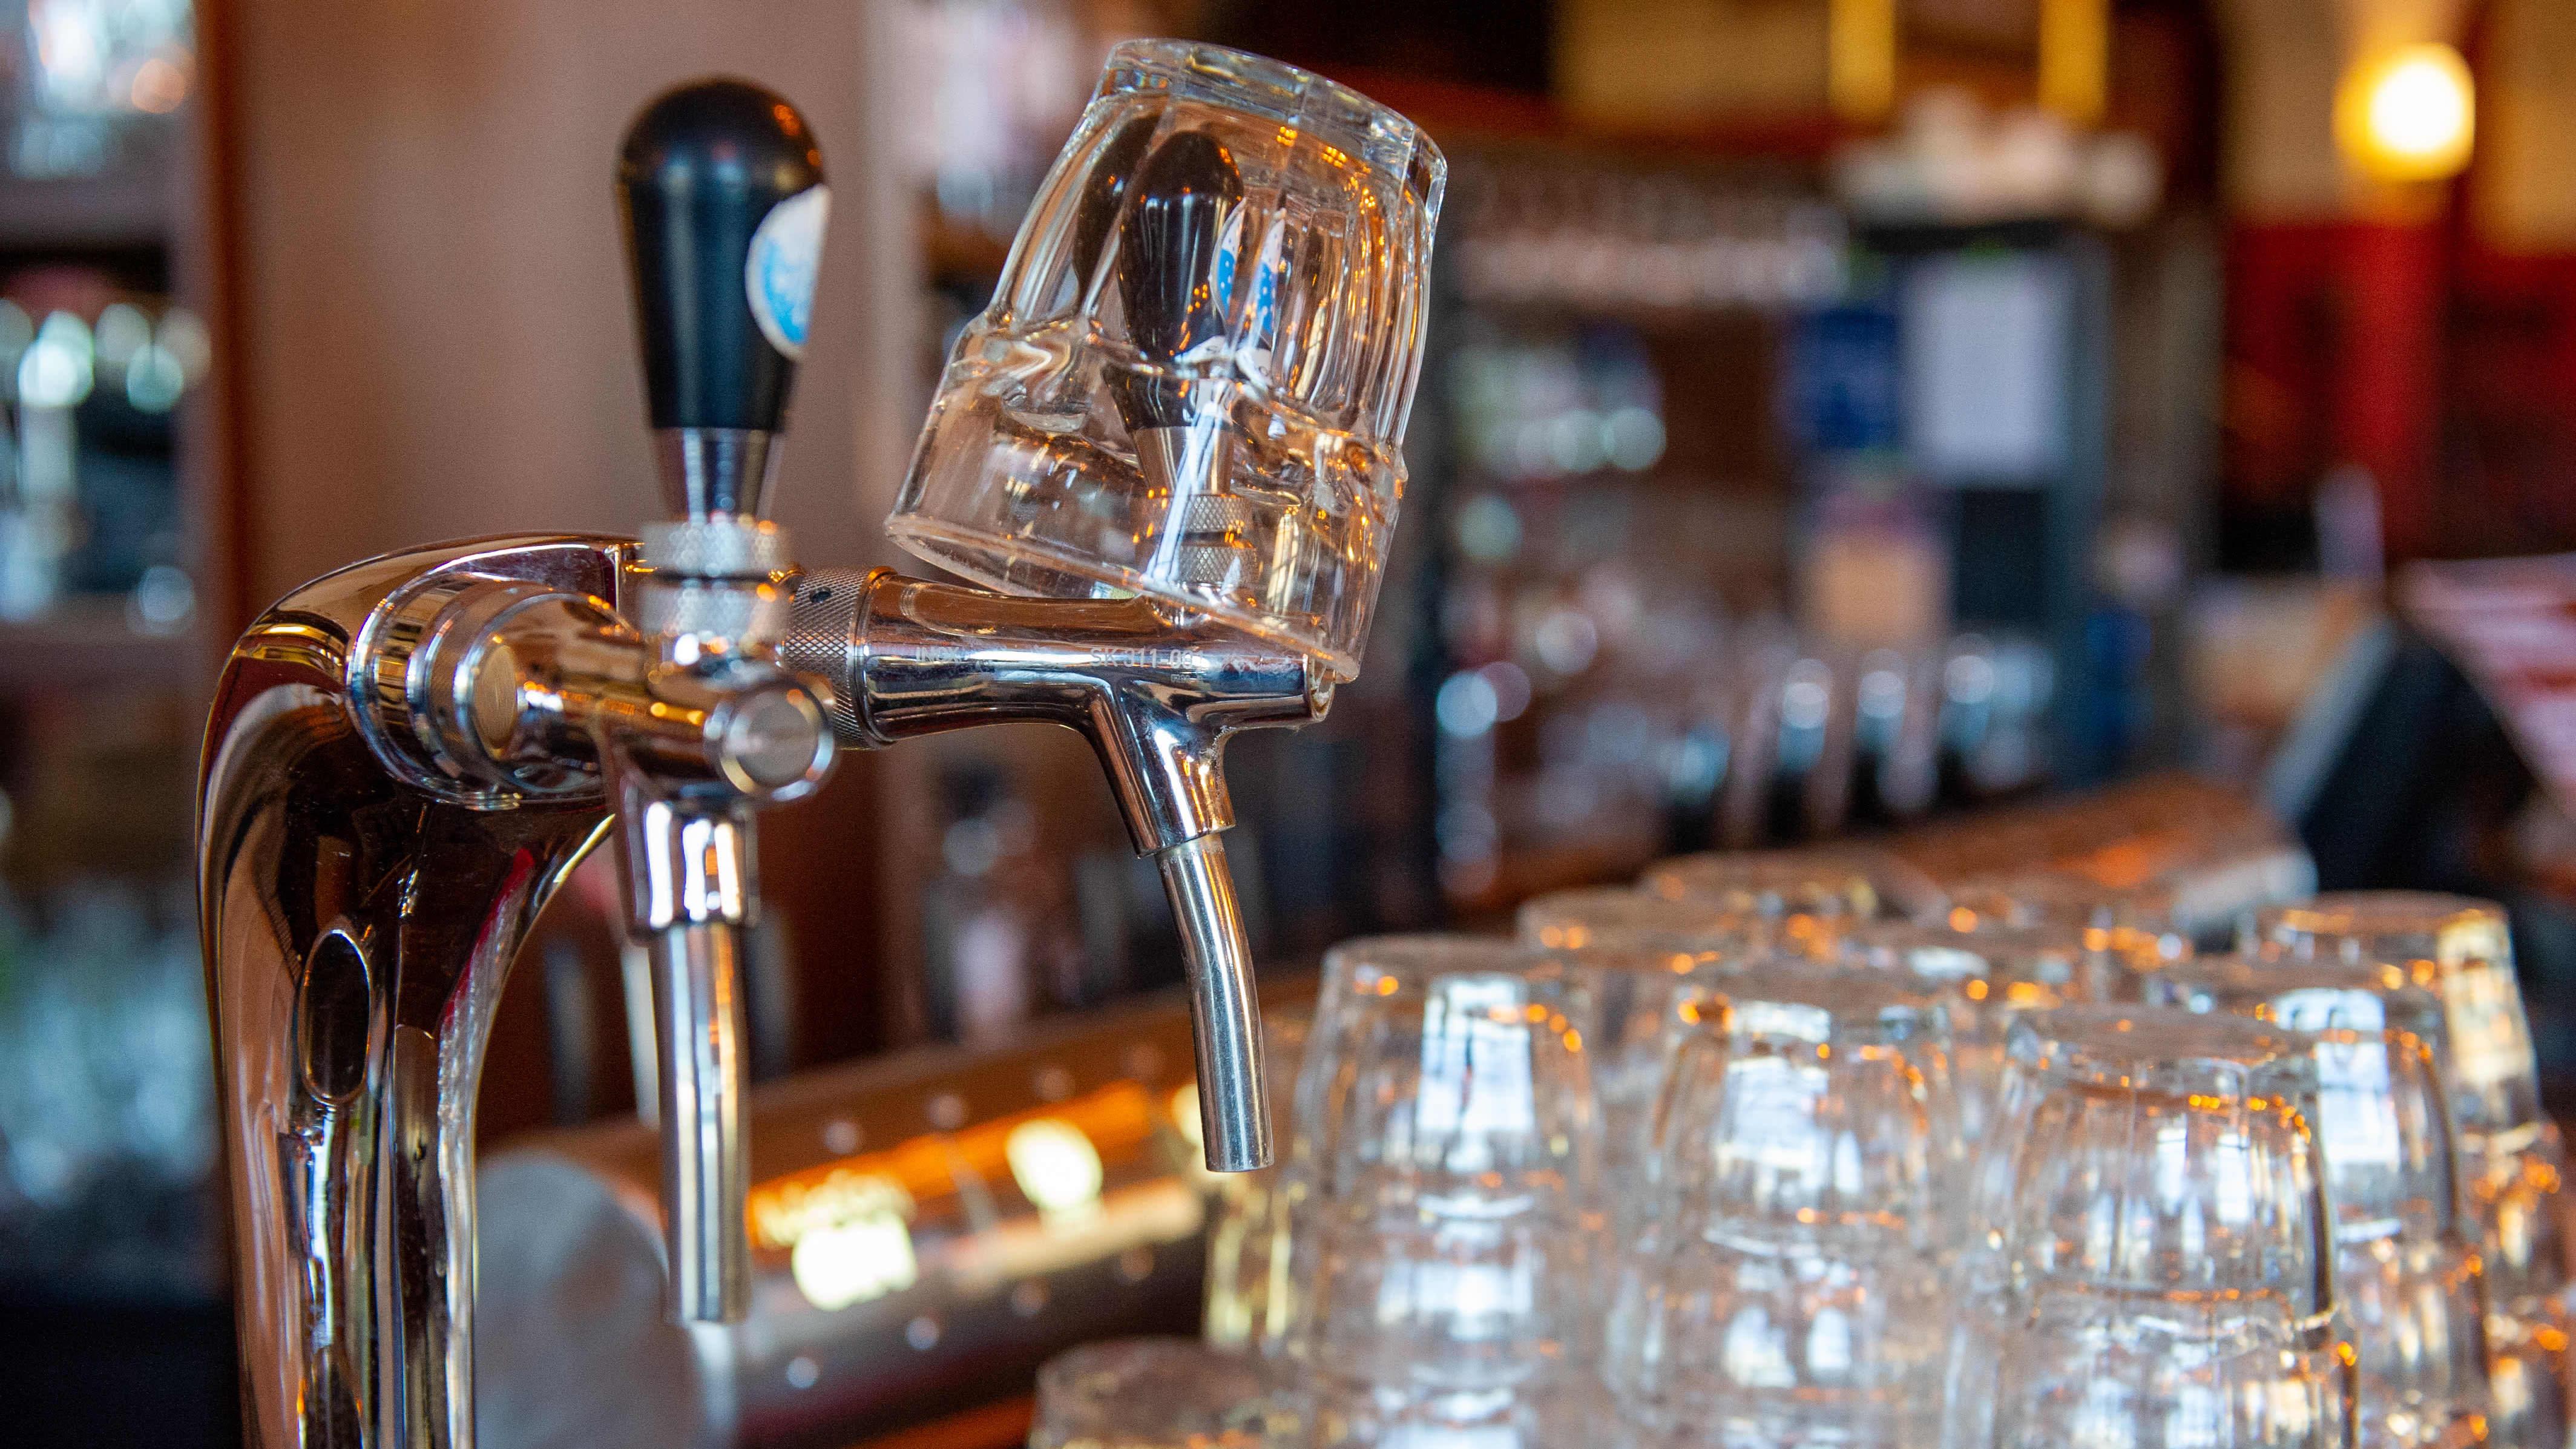 Ravintola Juttutupa. 15.4.2021. I förgrunden syns glas och en ölkran.